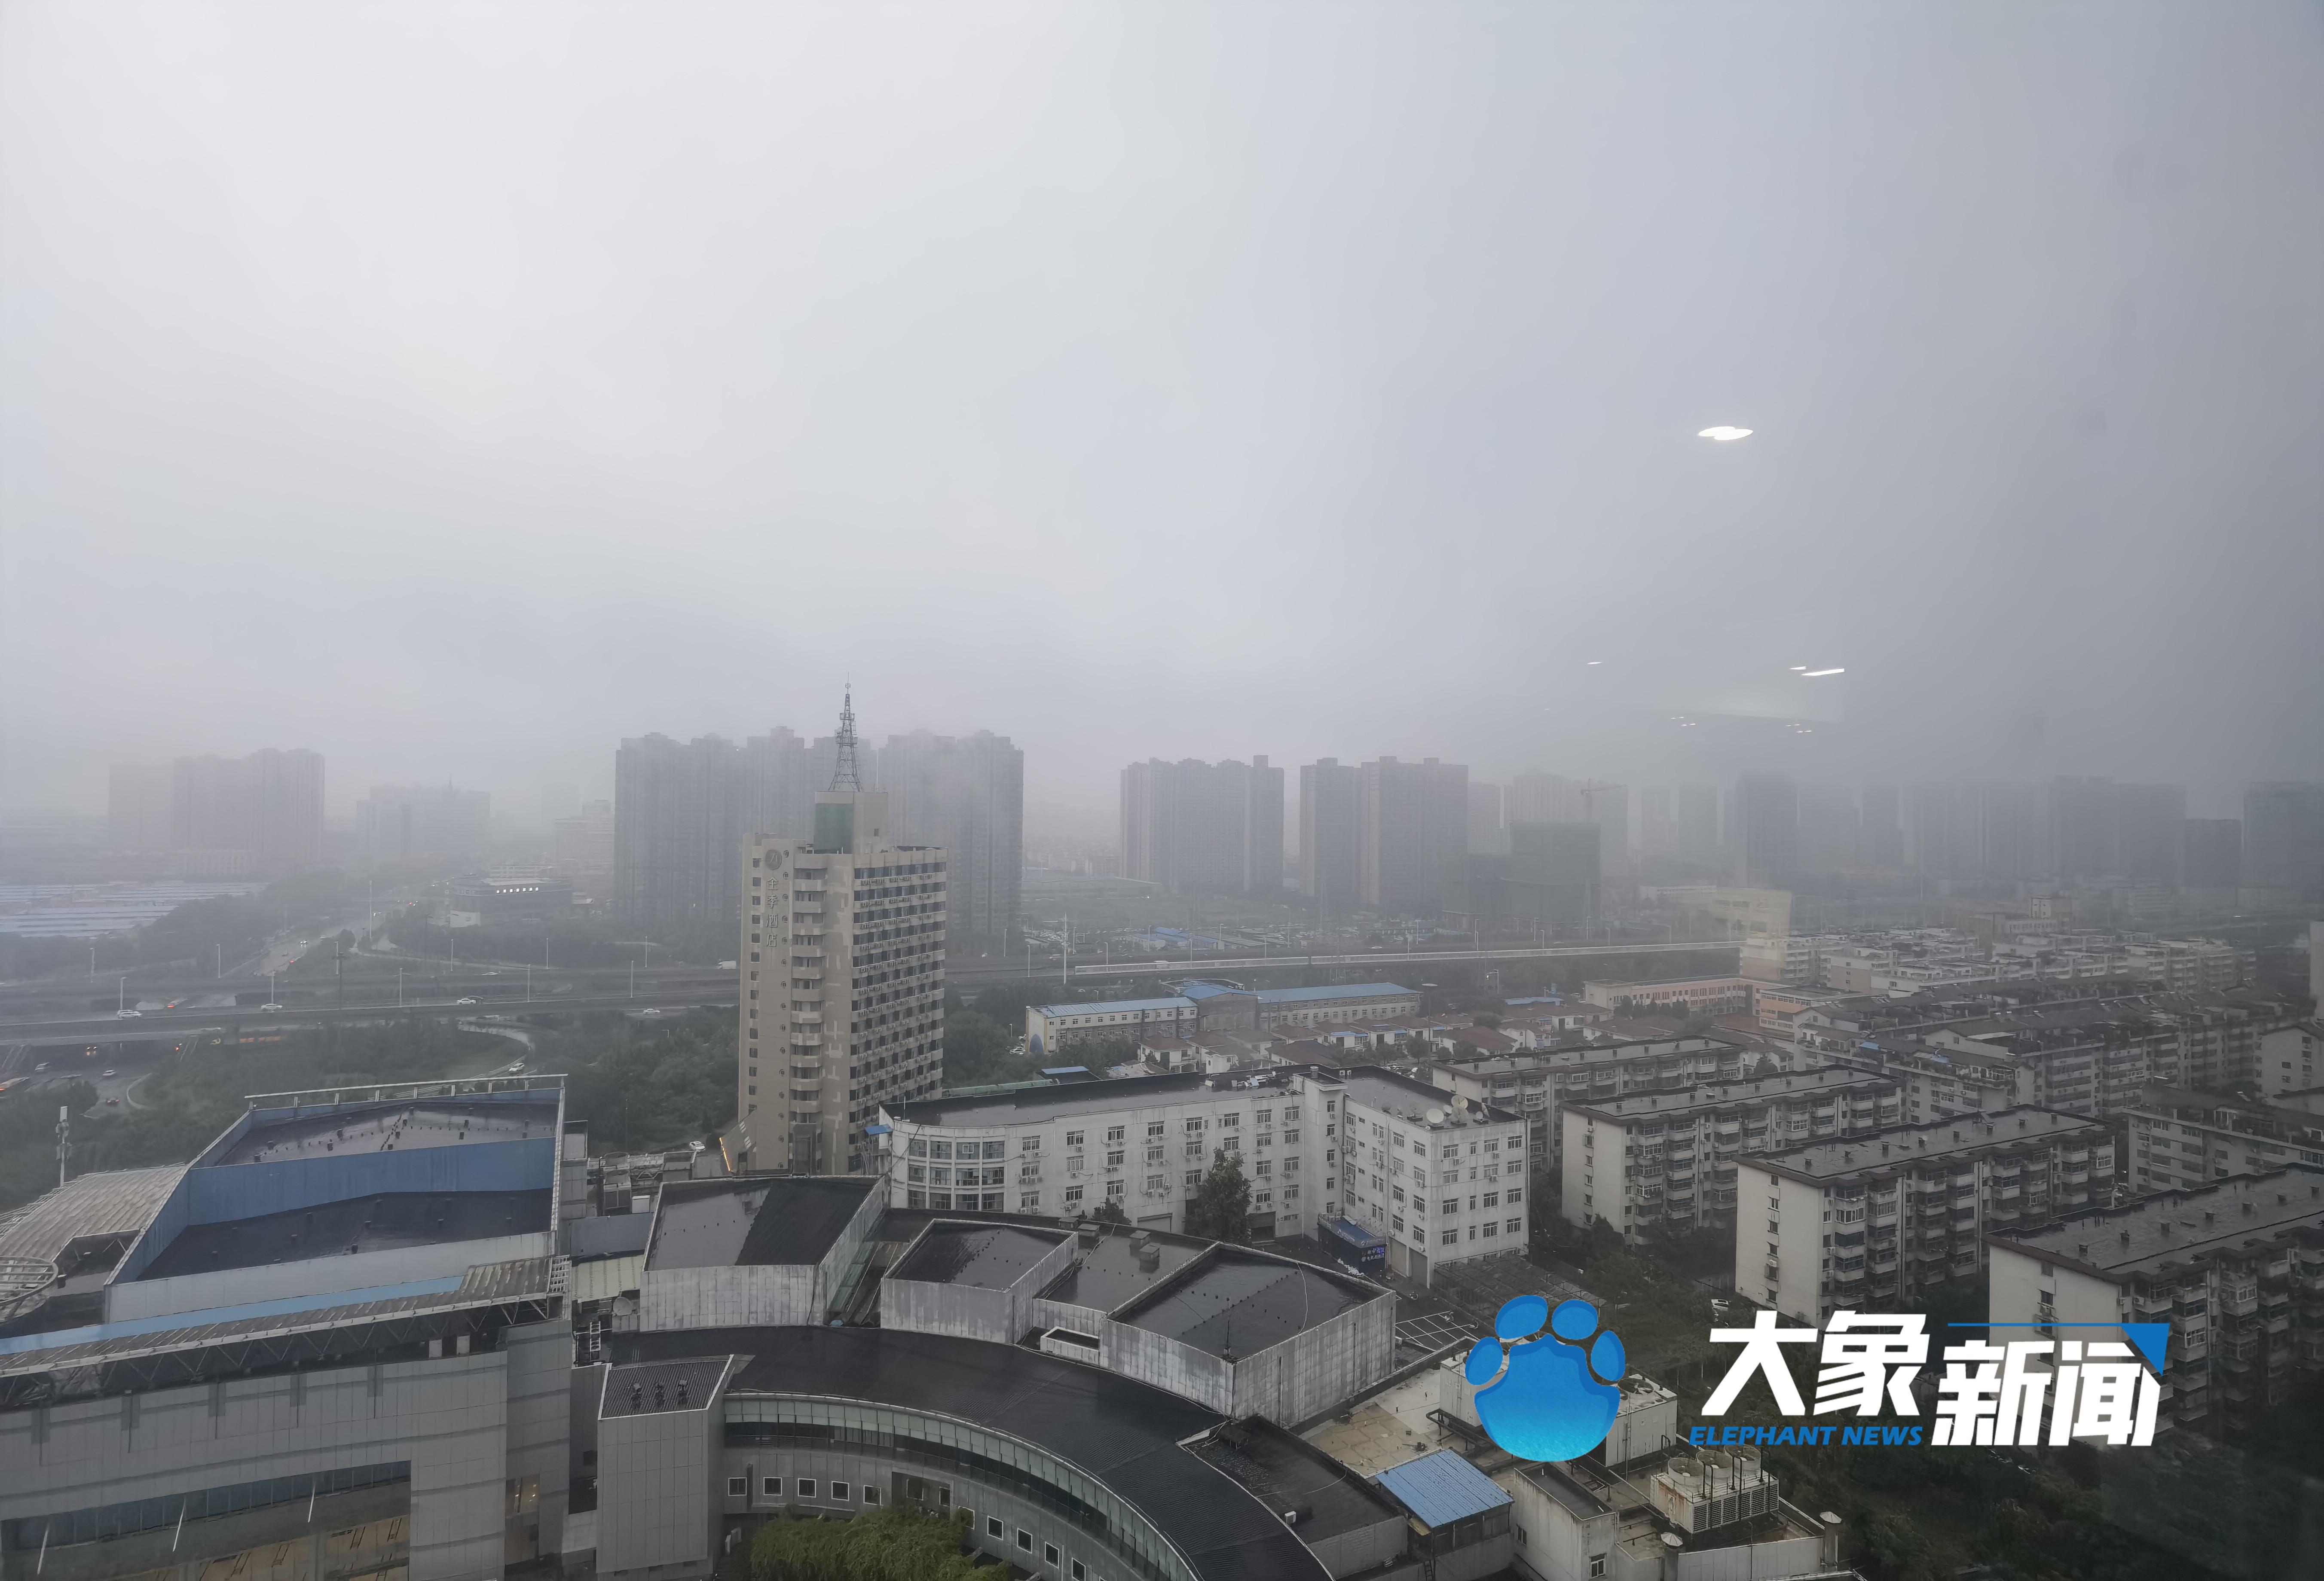 郑州本周每天都有雨 河南多条高速公路禁止上站